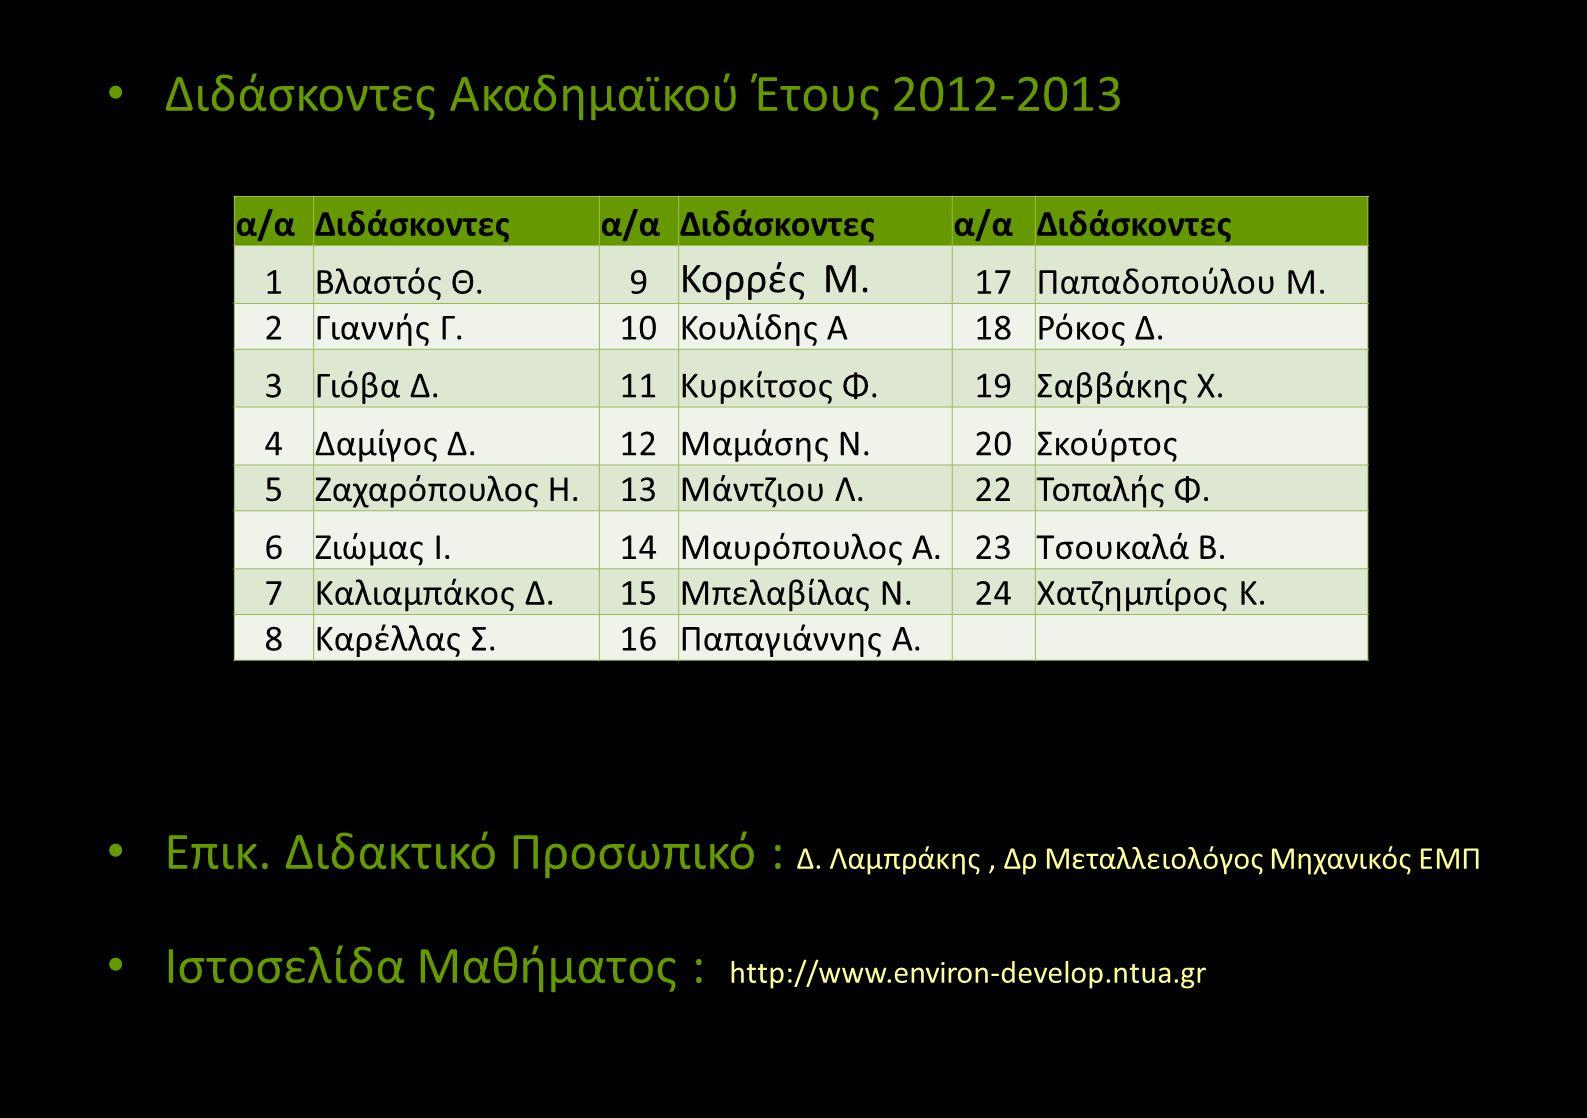 • Διδάσκοντες Ακαδημαϊκού Έτους 2012-2013 • Επικ. Διδακτικό Προσωπικό : Δ. Λαμπράκης, Δρ Μεταλλειολόγος Μηχανικός ΕΜΠ • Ιστοσελίδα Μαθήματος : http://